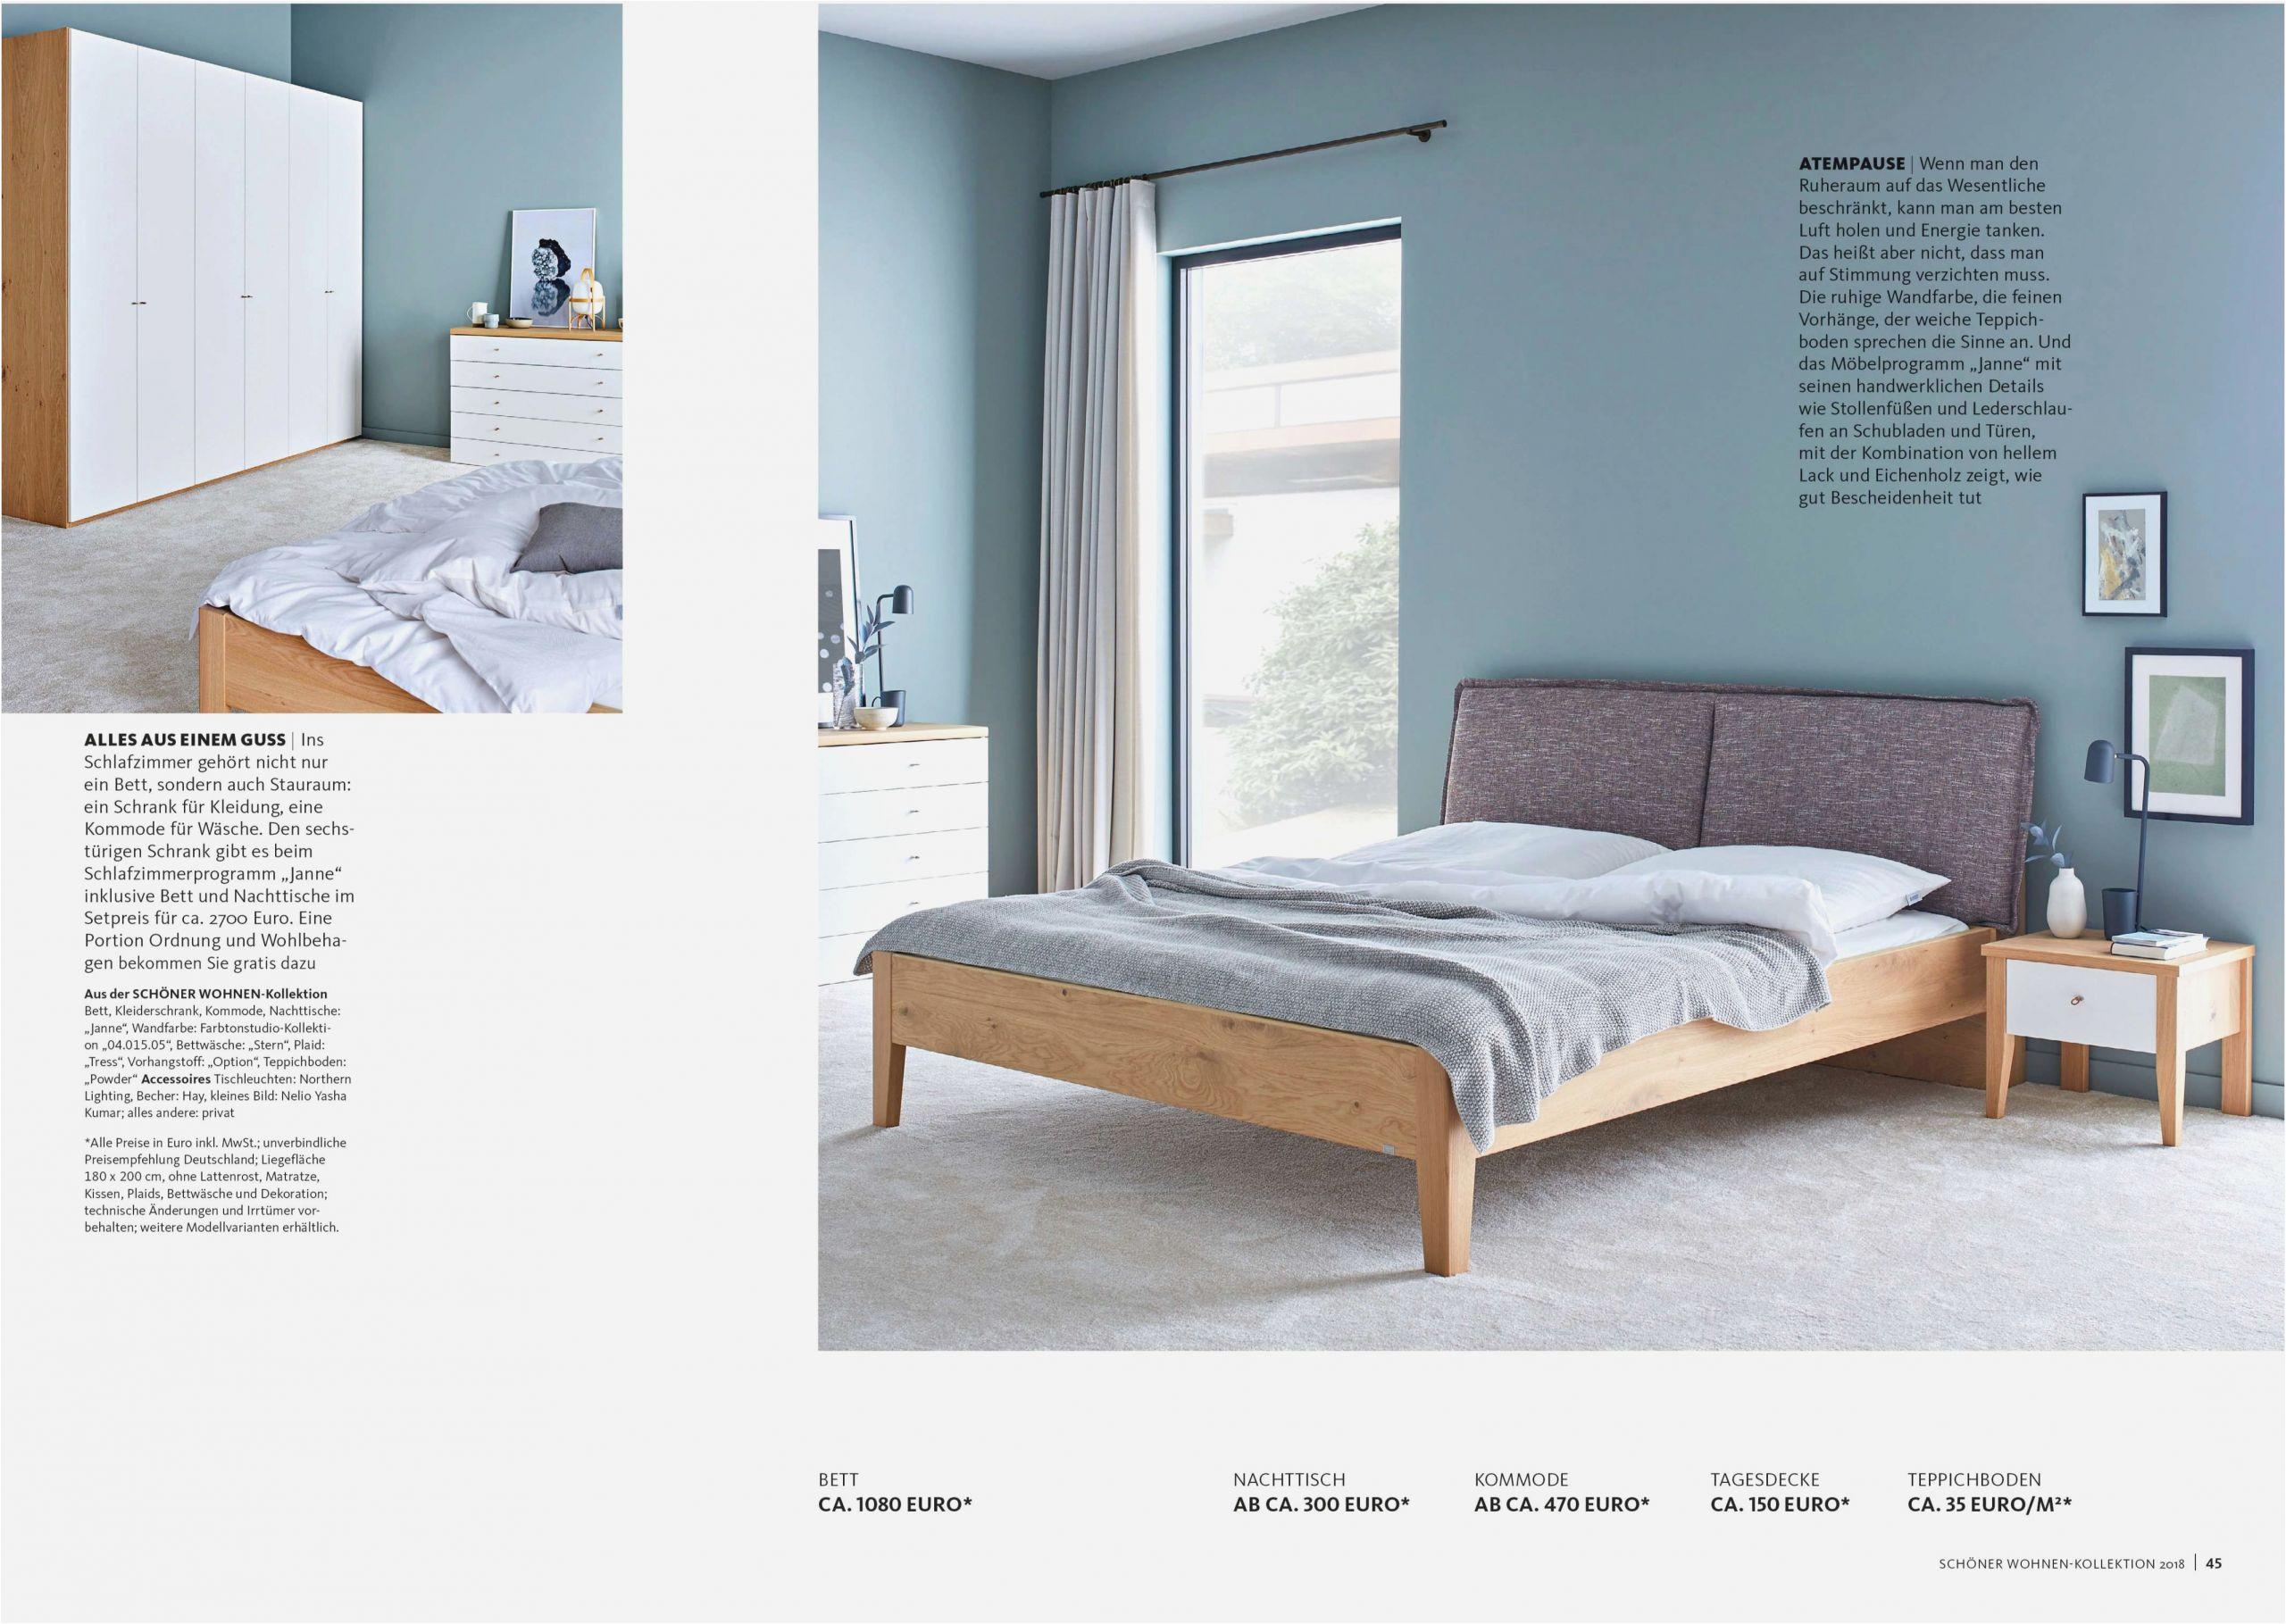 Schlafzimmer Landhausstil Ikea Ikea Landhausstil Schlafzimmer Schlafzimmer Traumhaus